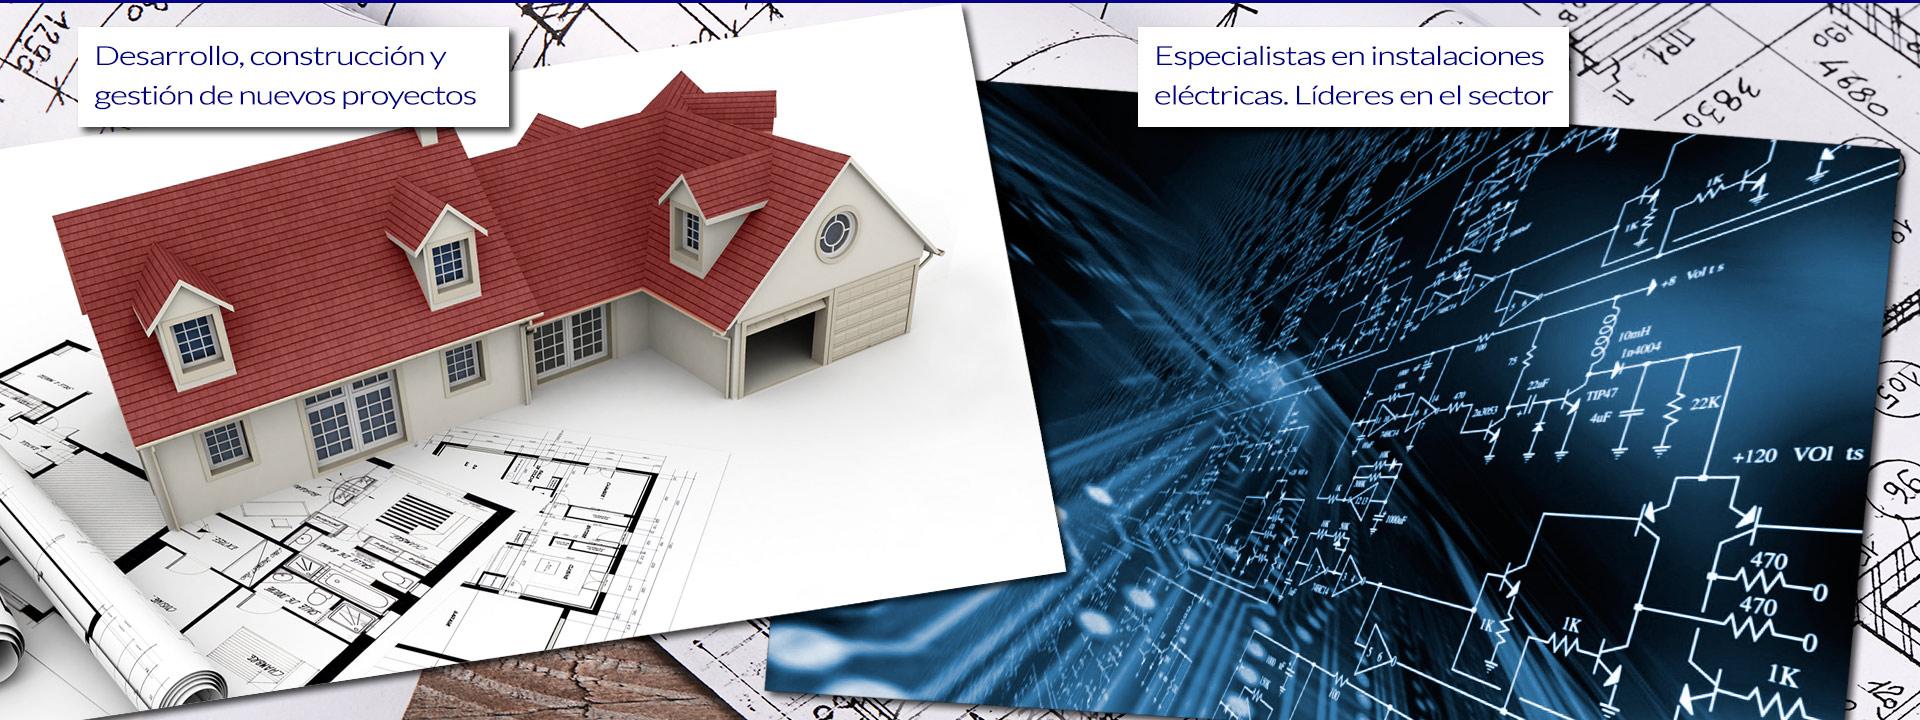 ptrsa-construcción-instalaciones-electricas